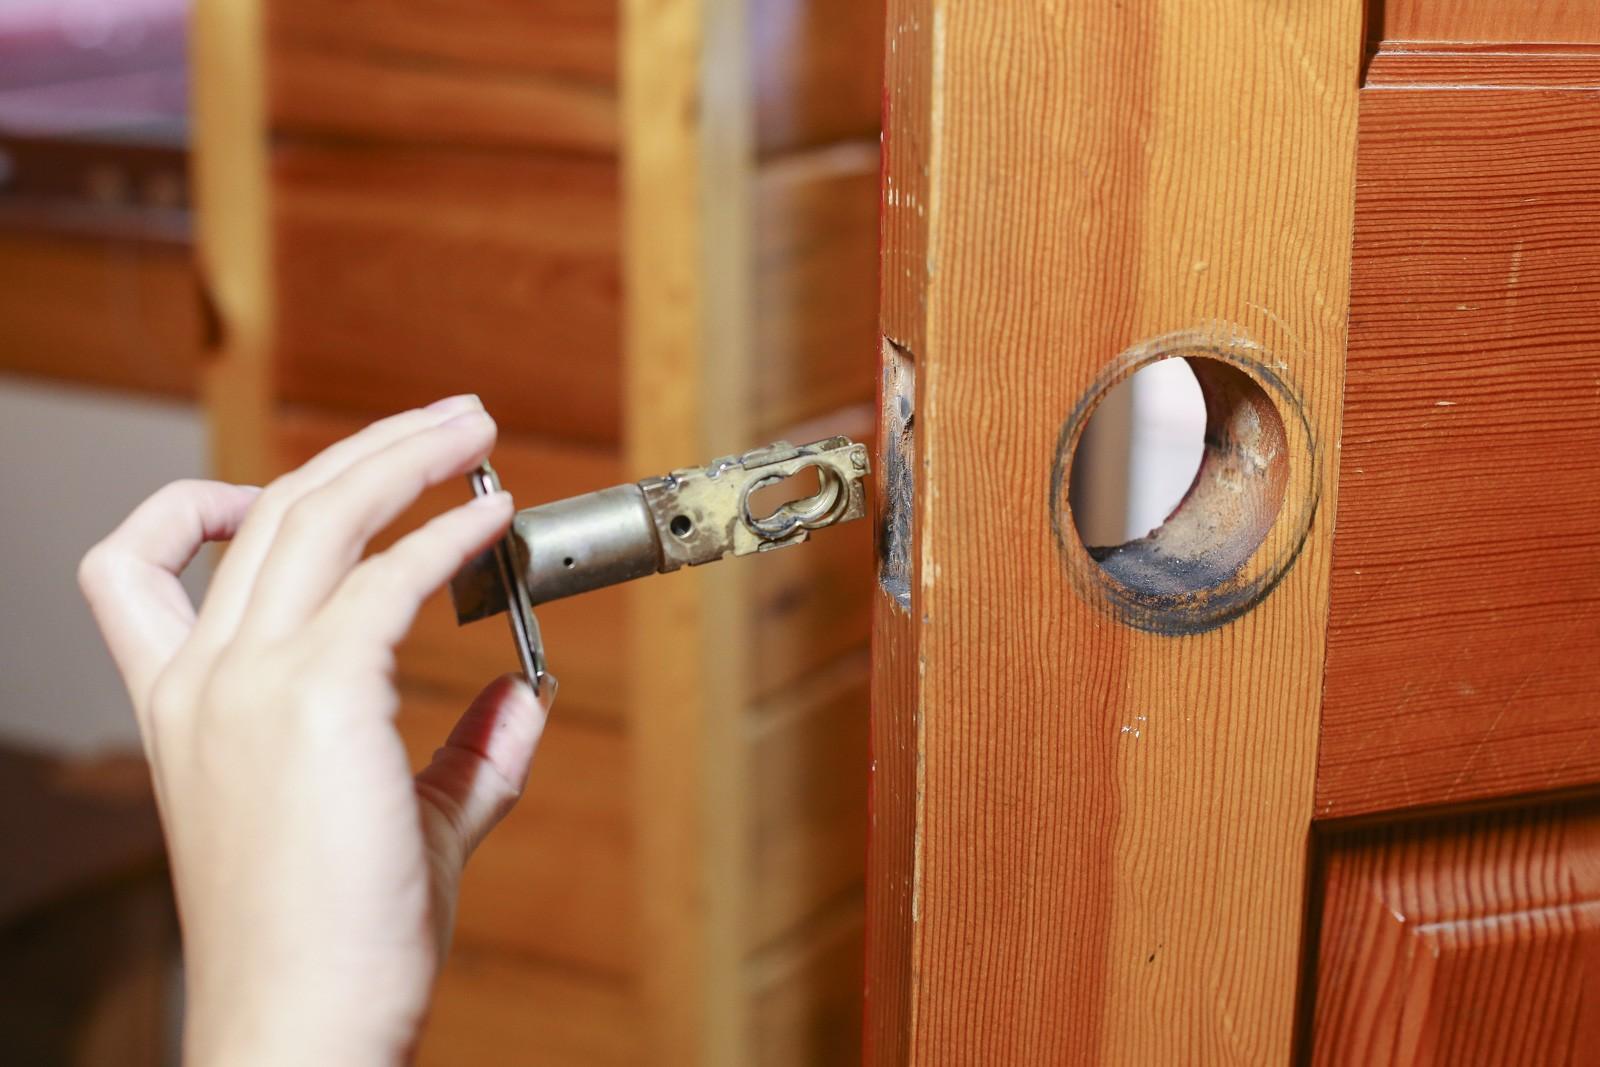 How to Open Locked Bedroom Door 2